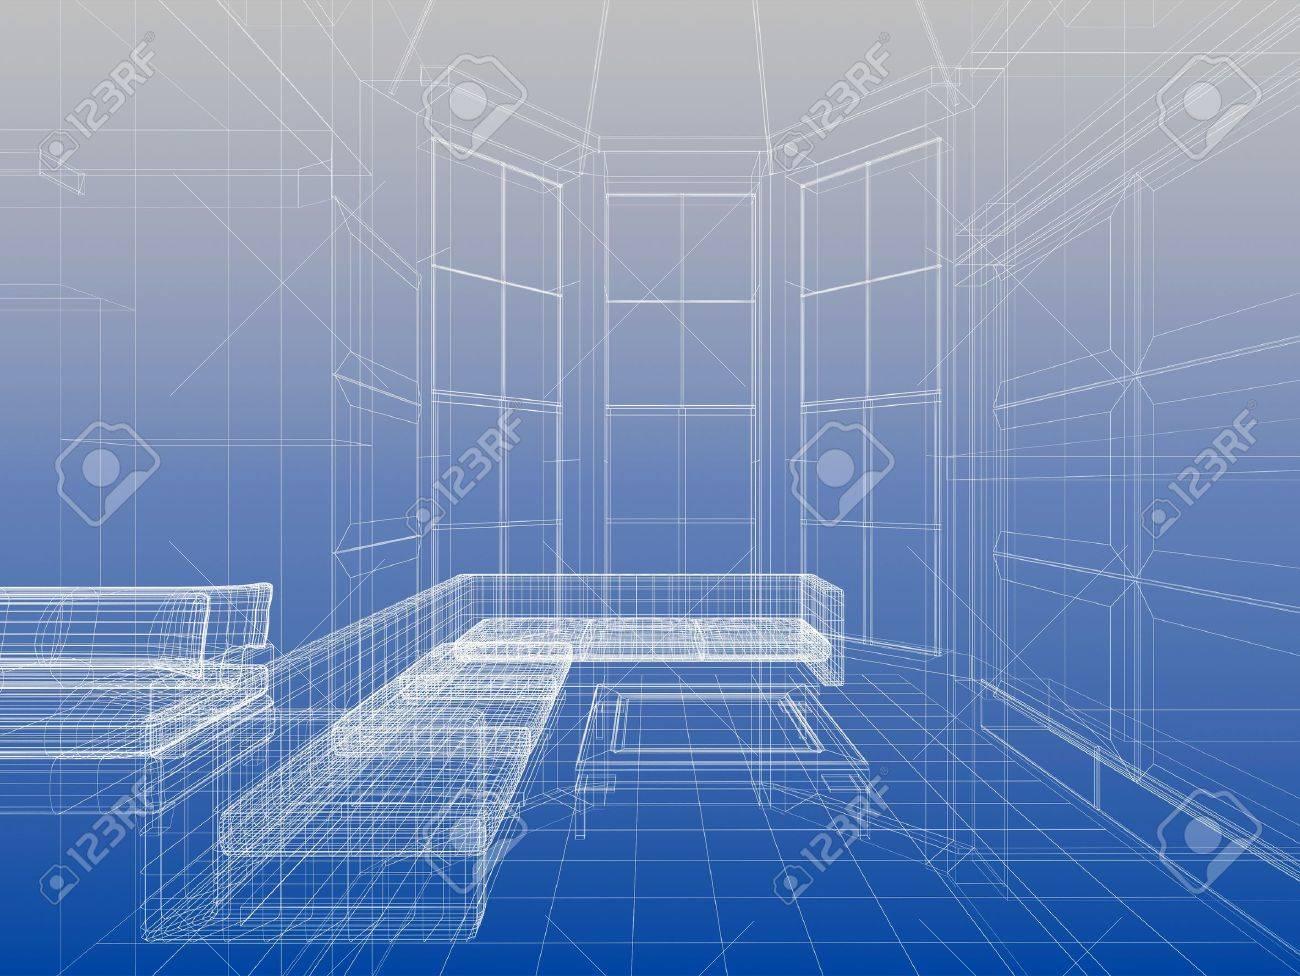 Zusammenfassung Drahtmodell Innere Wohnzimmer Offenen Raum über ...